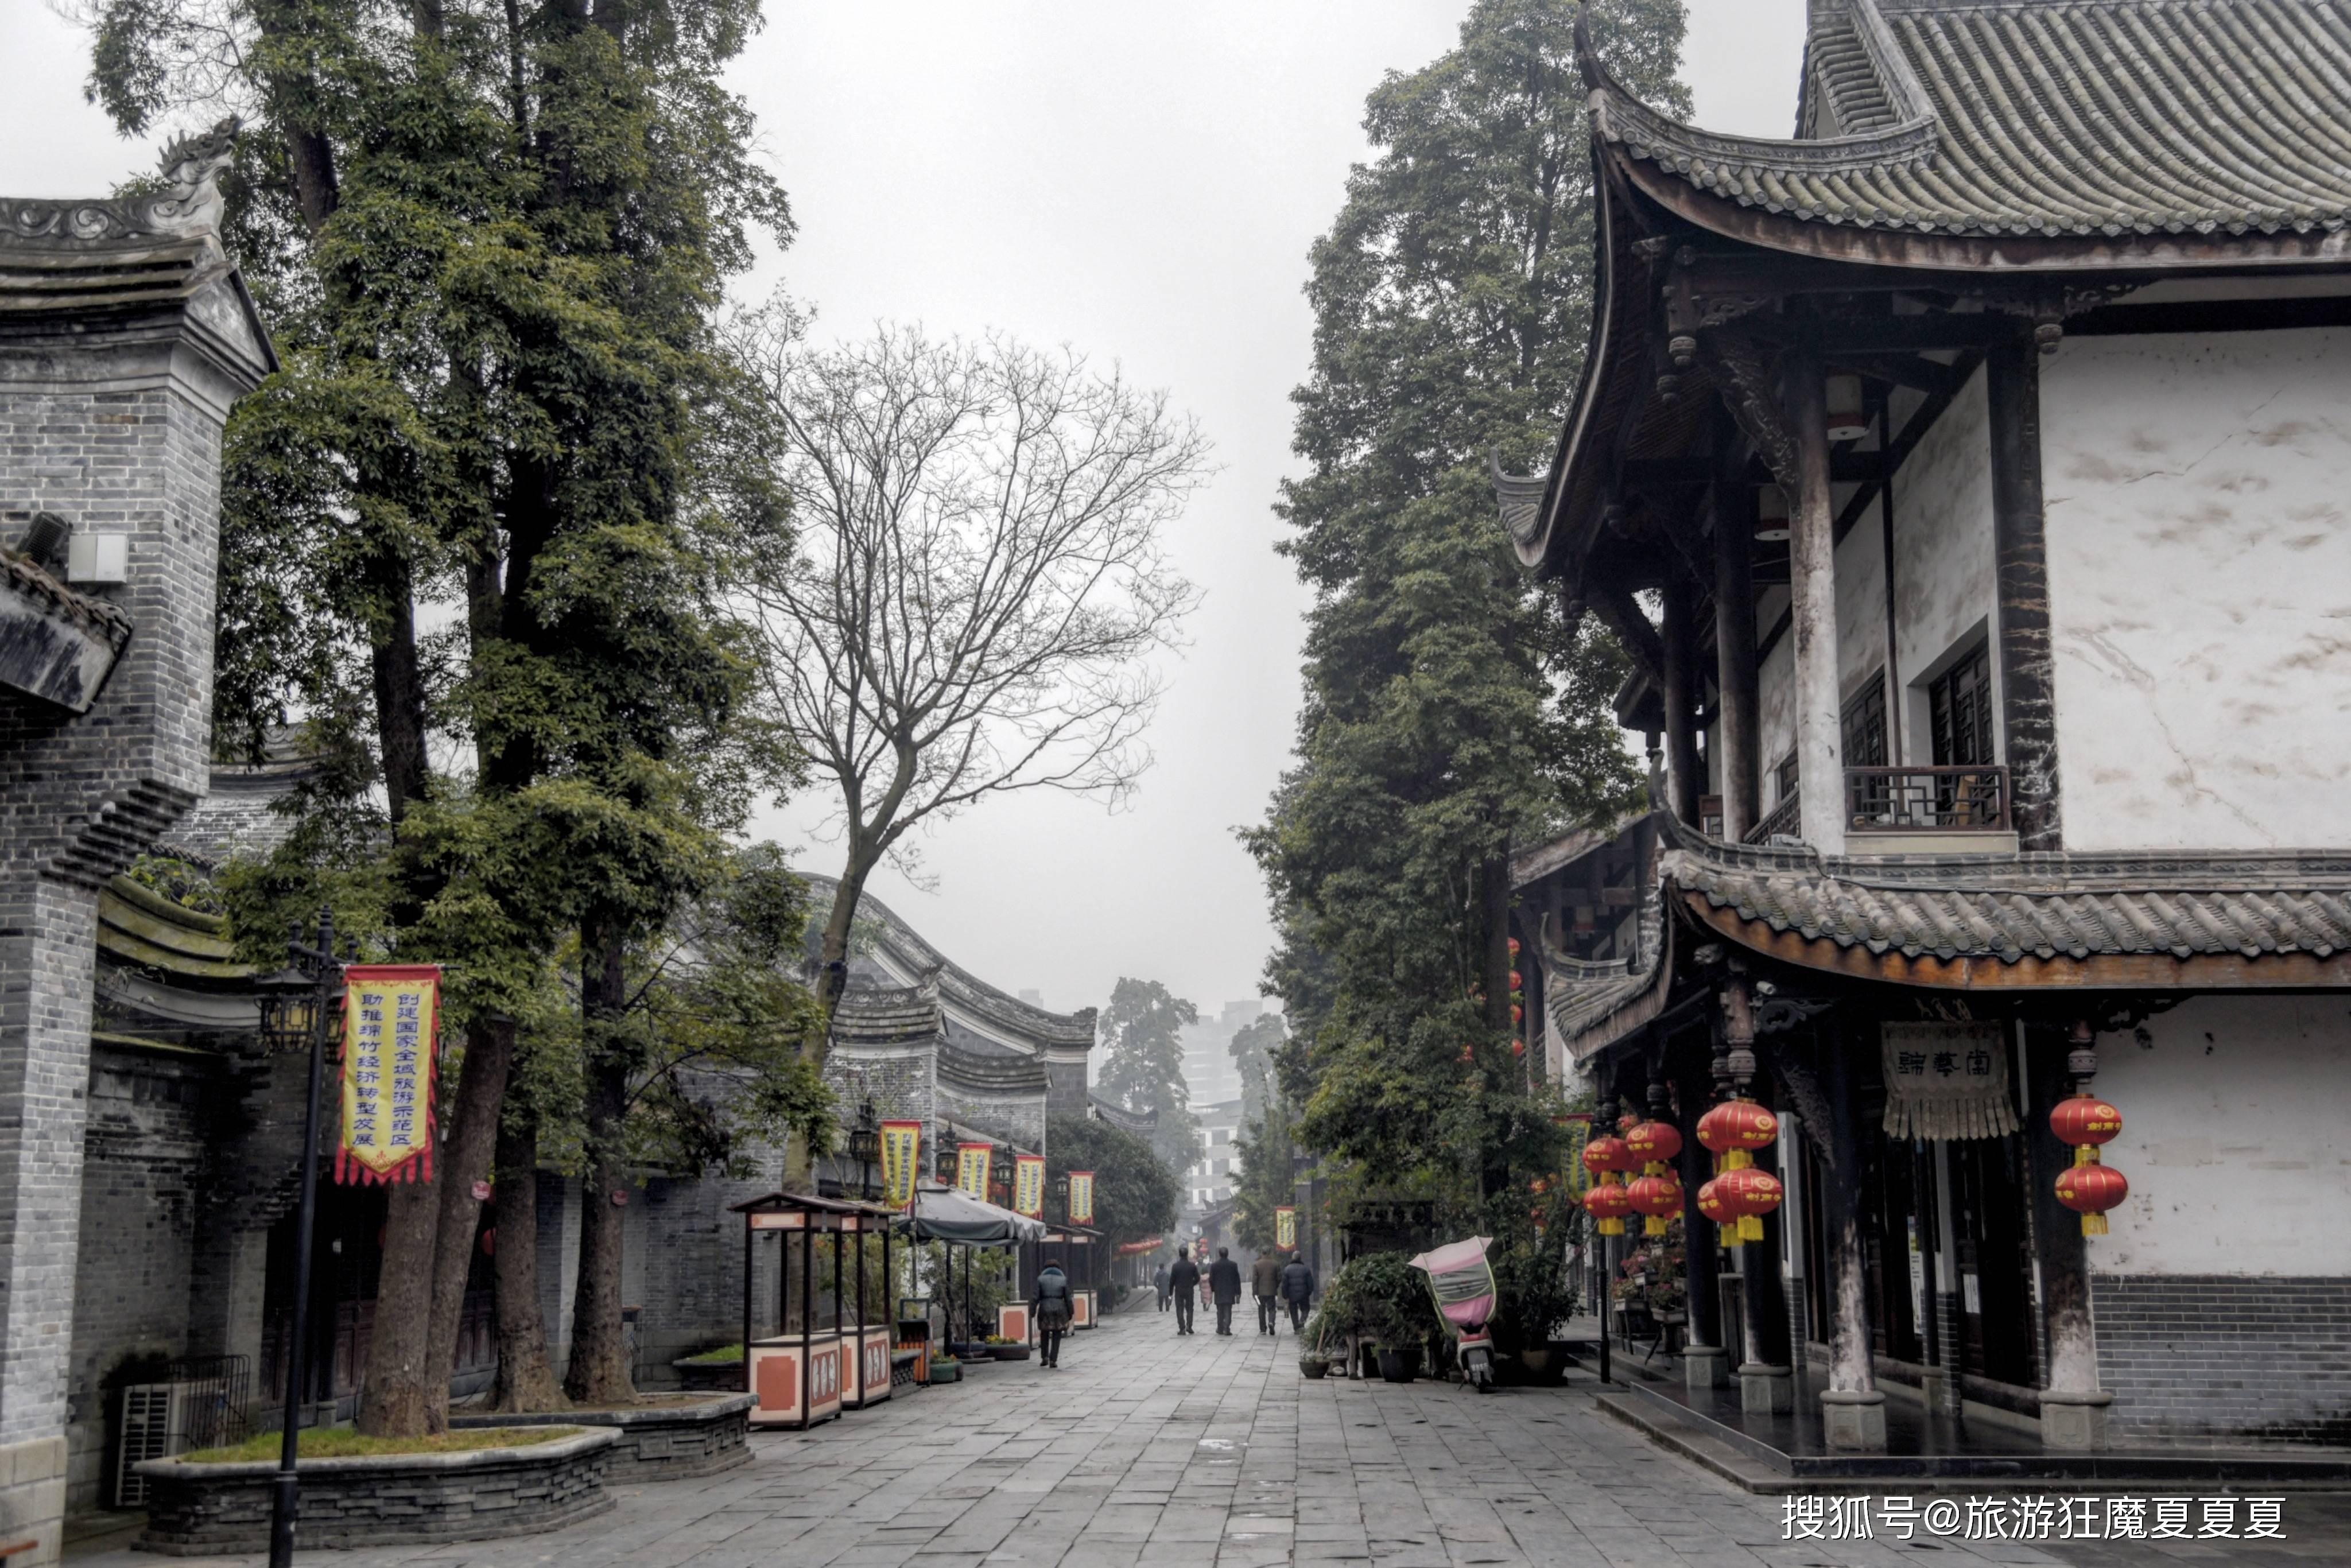 四川绵竹投资1.5亿就修条街?全长还仅500米,只因有个古老的作坊